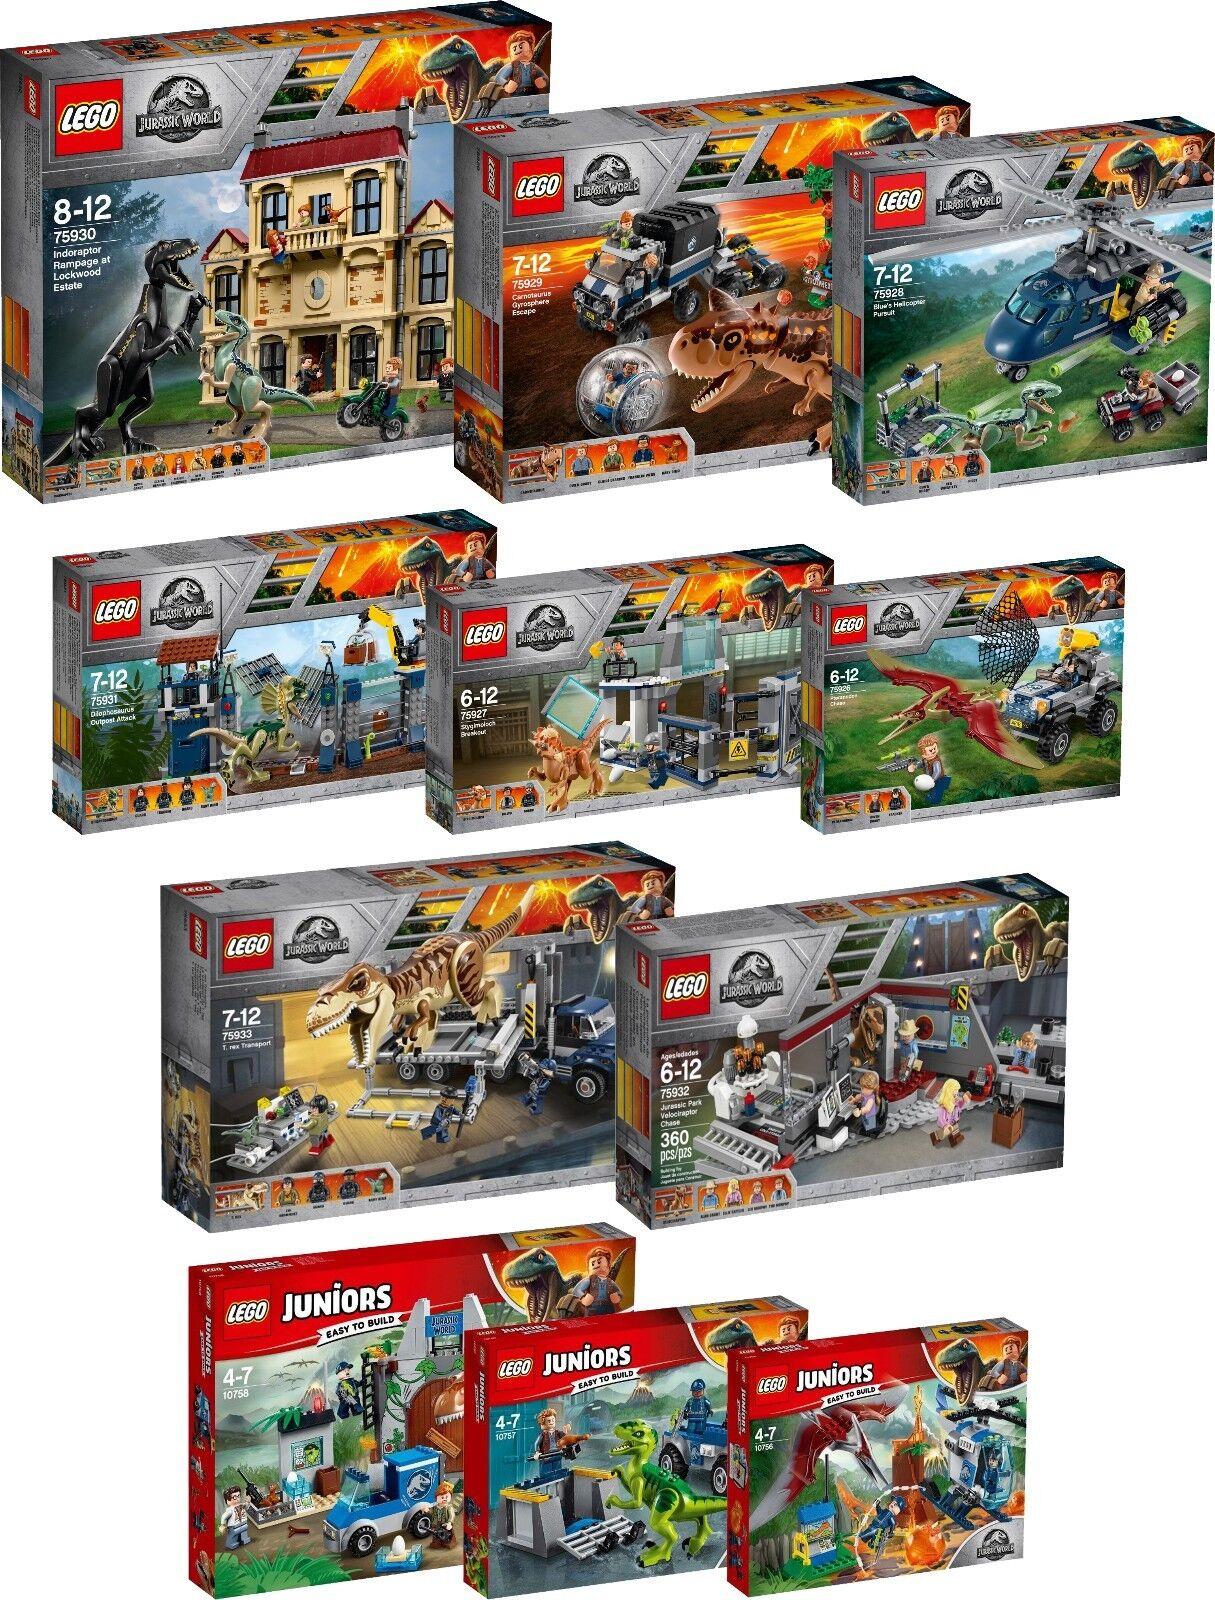 Lego Jurassic World 75931 30 33 32 75929 75928 75927 75926 10758 10757 56 n6 18